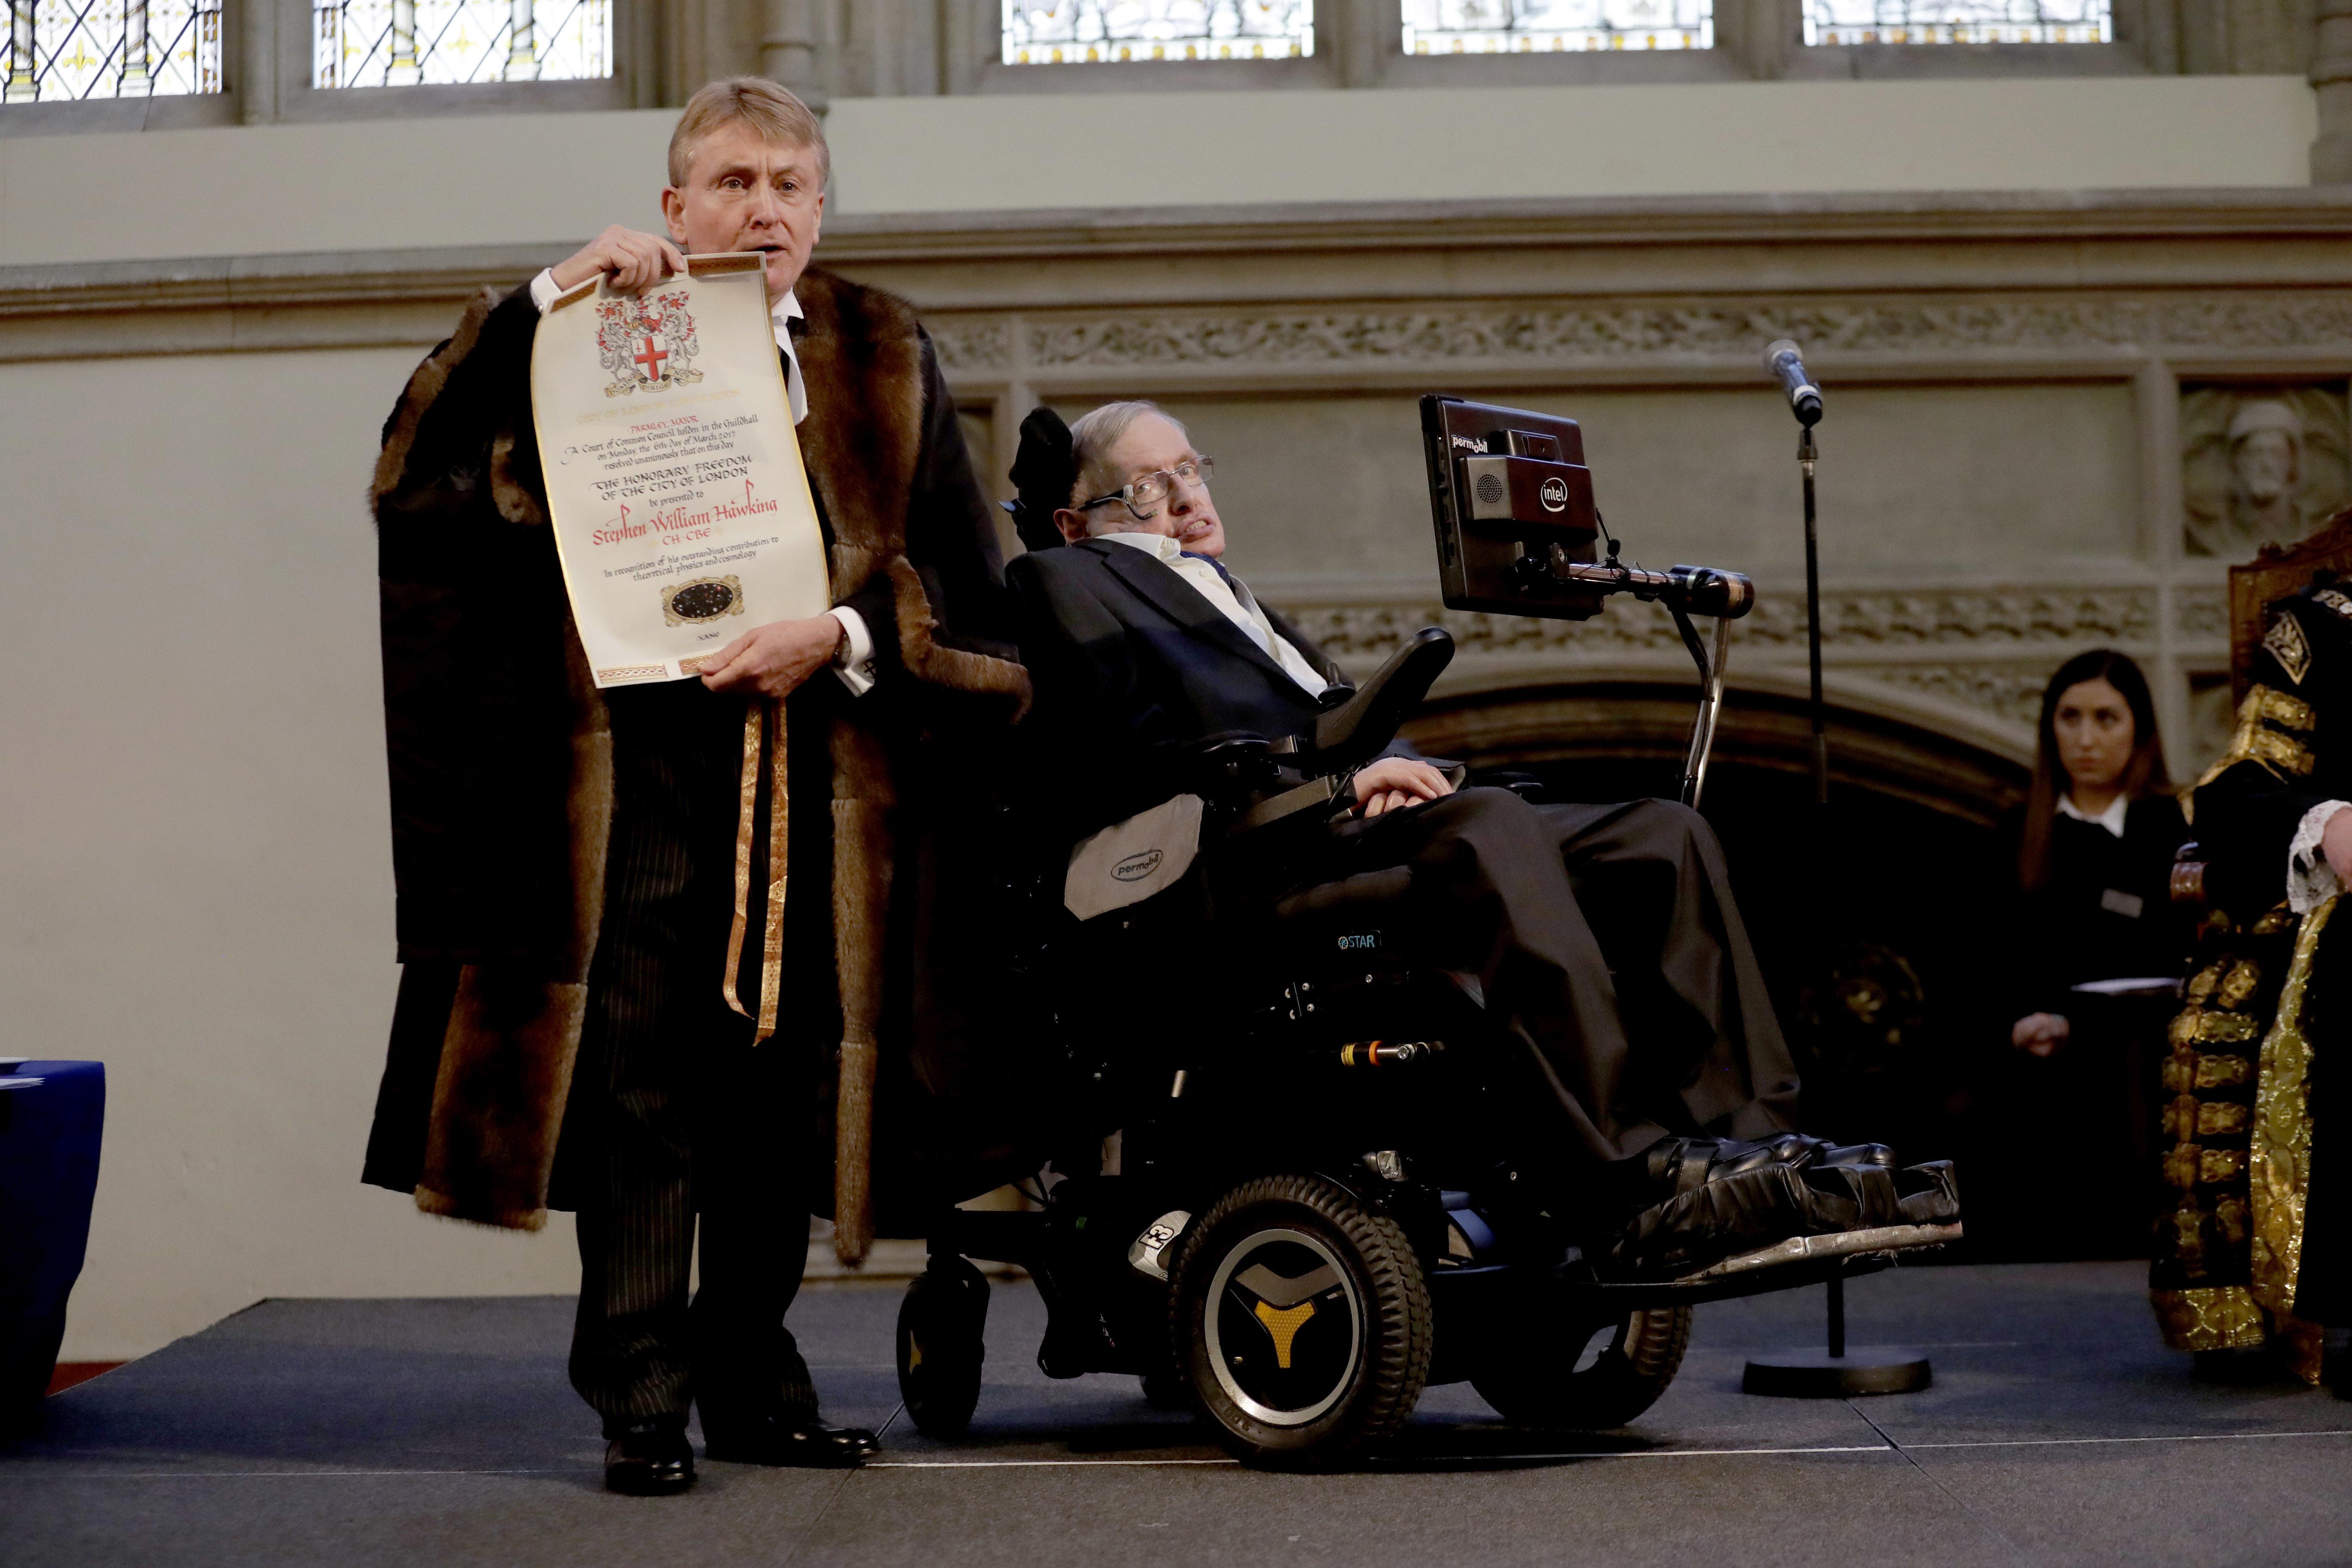 Stephen Hawking recibiendo un título honorifico de la ciudad de Londres en marzo de 2017 (AP/Matt Dunham)